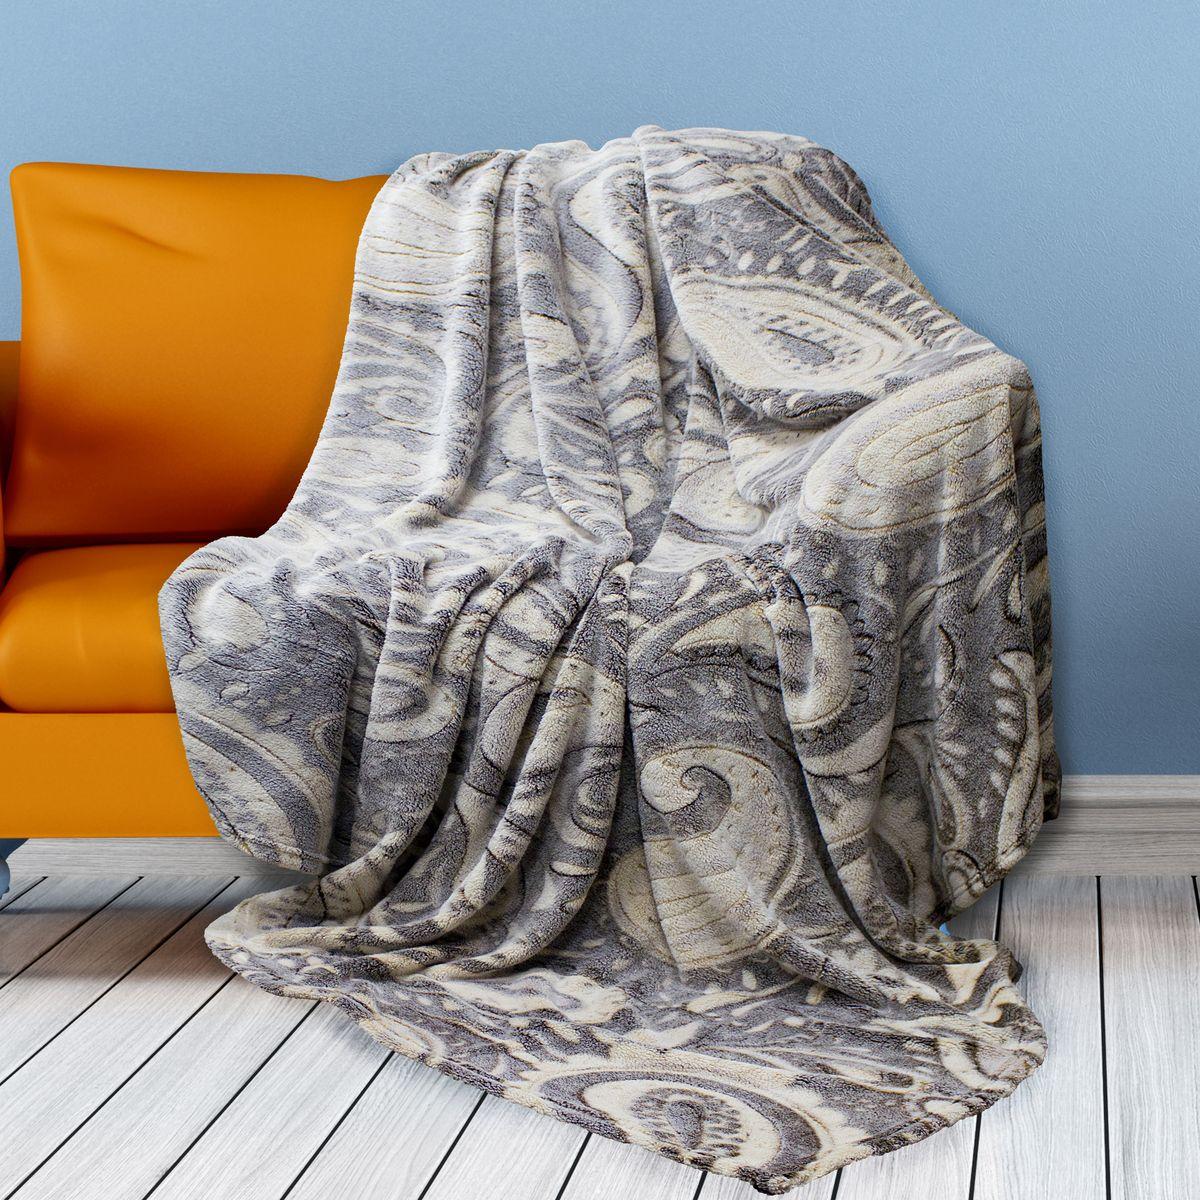 Плед Buenas Noches Bamboo, цвет: серый, бежевый, 200 см х 220 см65811Плед Buenas Noches Bamboo - идеальное решение для вашего интерьера! Изделие декорировано оригинальным орнаментом. Станьте дизайнером и создайте свой стиль! Buenas Noches - элегантно, стильно, качественно! Плед - легкий и нежный, приятный для кожи, на ощупь практически невозможно отличить от бамбукового волокна. Плед, изготовленный из микрофибры (полиэстера), обладает уникальными свойствами: быстро высыхает после стирки, экологически чистый, гипоаллергенный, гигиеничный (не поглощает влагу и грязь). Повышенная практичность: не линяет, не электризуется и не мнется, не скатывается, не оставляет после себя волокон, прочный и эластичный, легкий в уходе. Обладает стойкостью к воздействию живых организмов, волокнам не страшна плесень! Плотность плетения ткани: 280 г/м2.